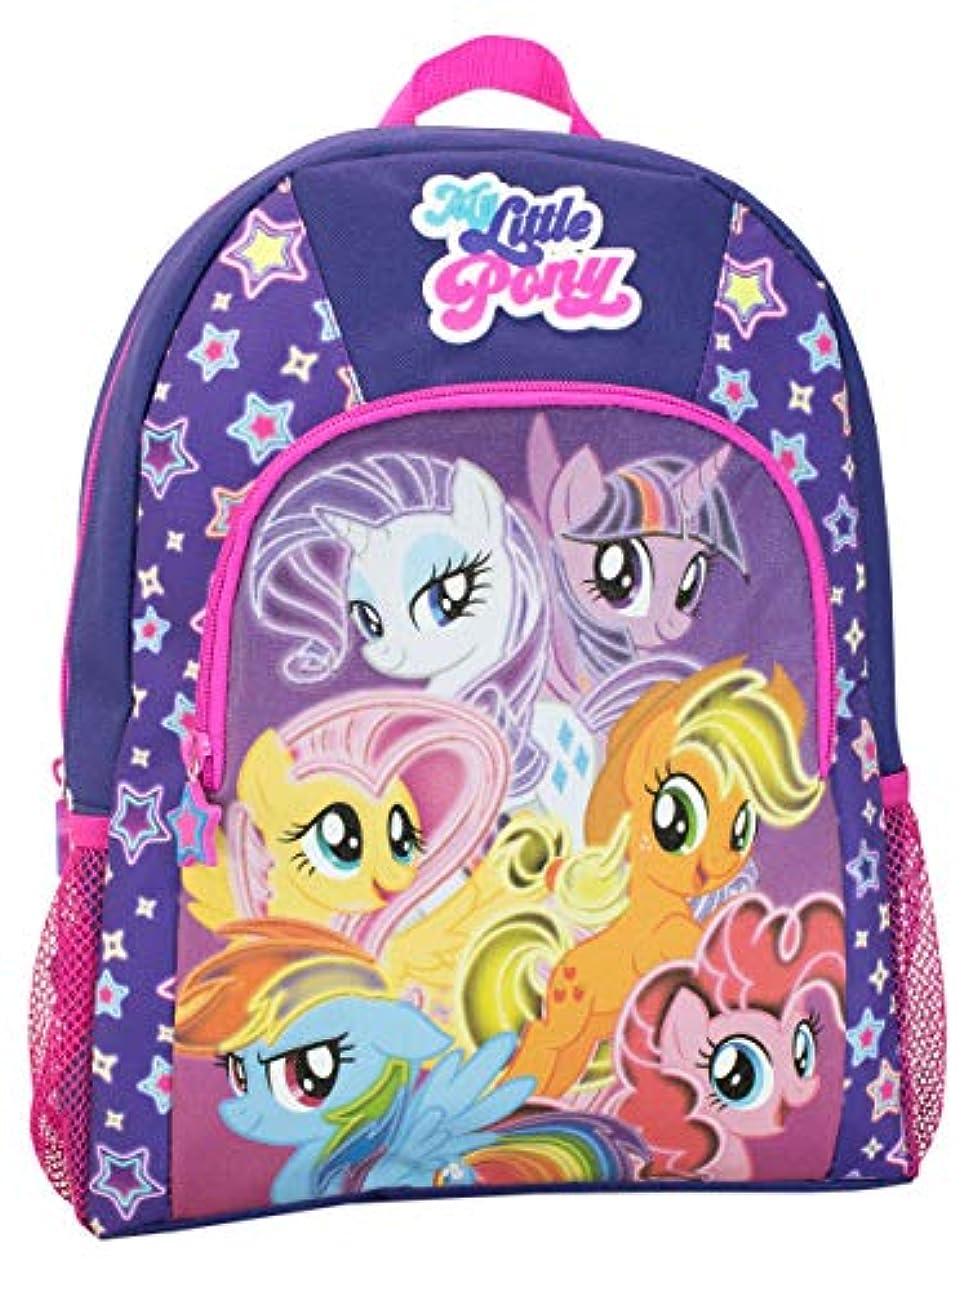 アラバマ文明化万歳My Little Pony ACCESSORY ガールズ US サイズ: One Size カラー: マルチカラー